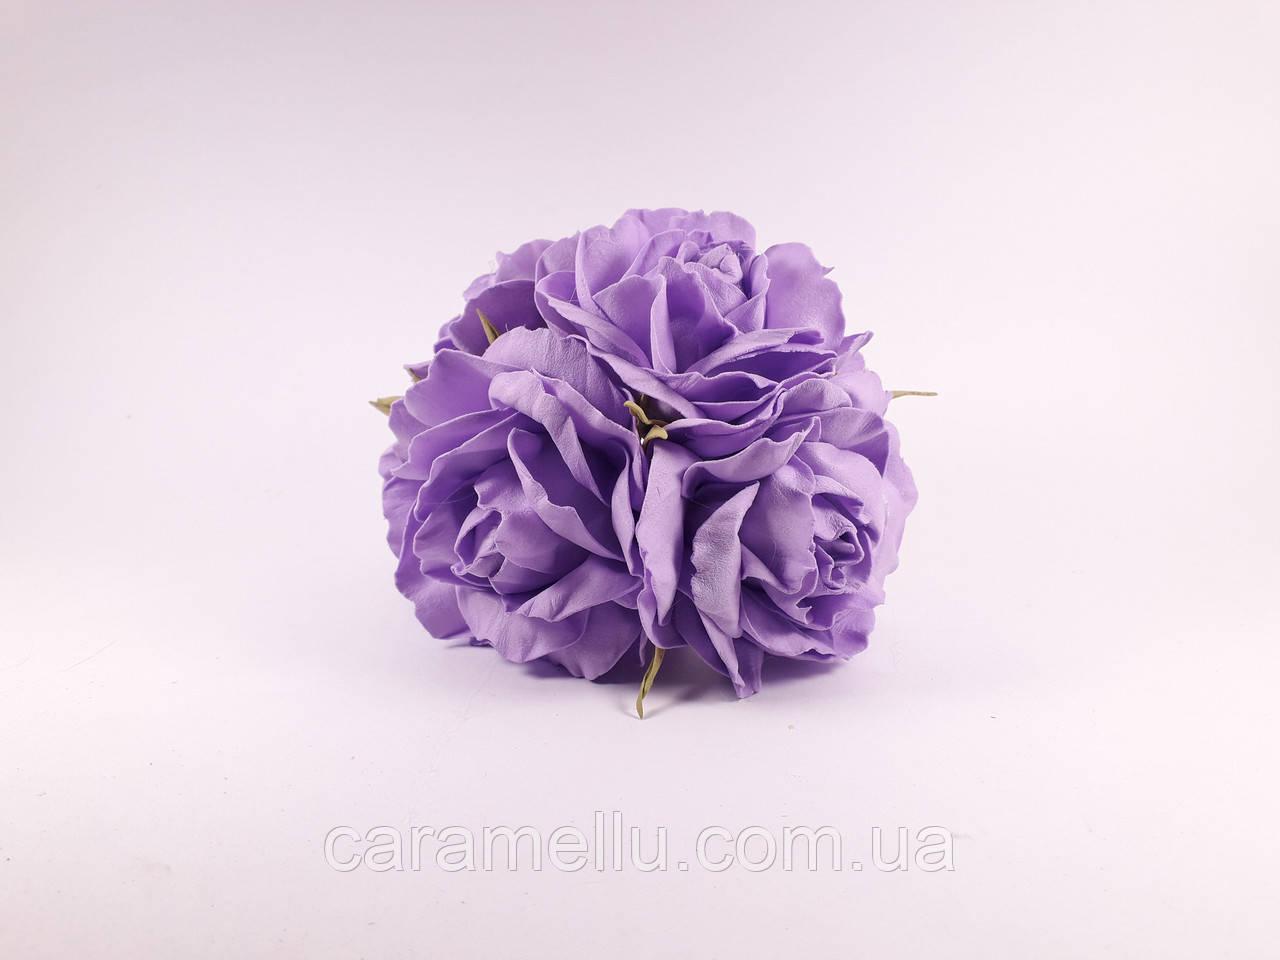 Букет роз из фоамирана(латекса). Цвет сиреневый